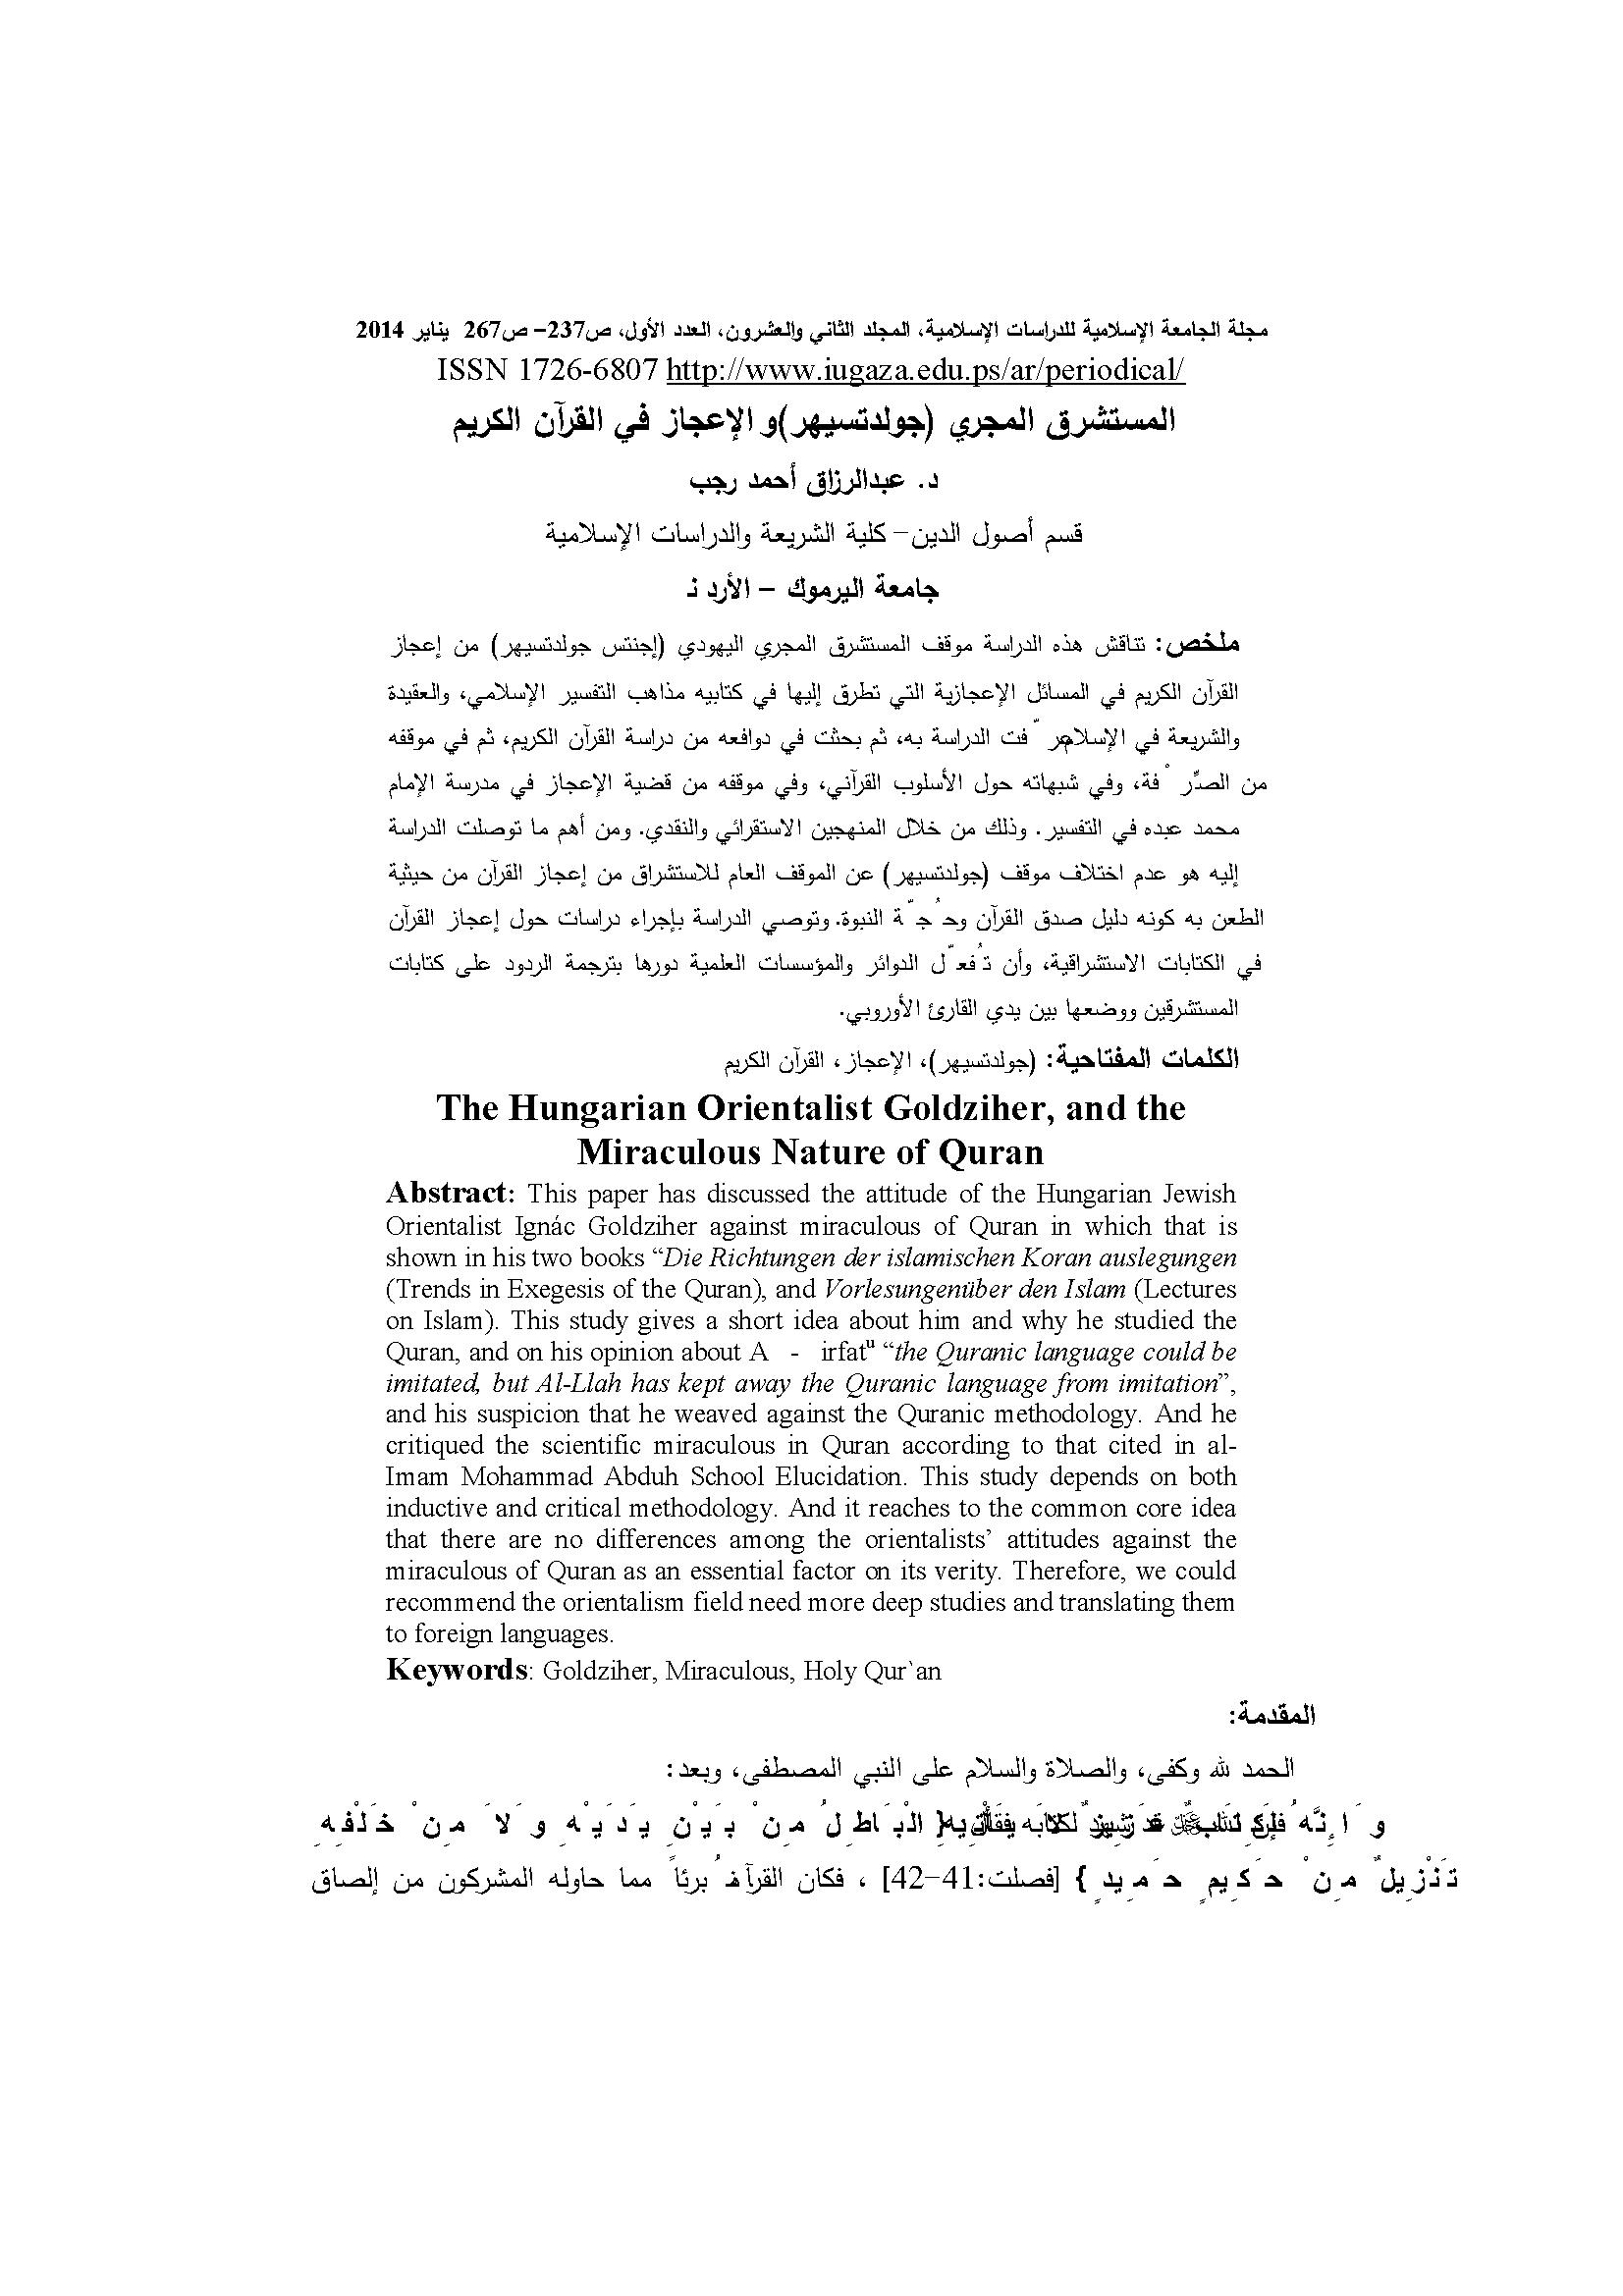 تحميل كتاب المستشرق المجري (جولدتسيهر) والإعجاز في القرآن الكريم لـِ: الدكتور عبد الرزاق أحمد أسعد رجب